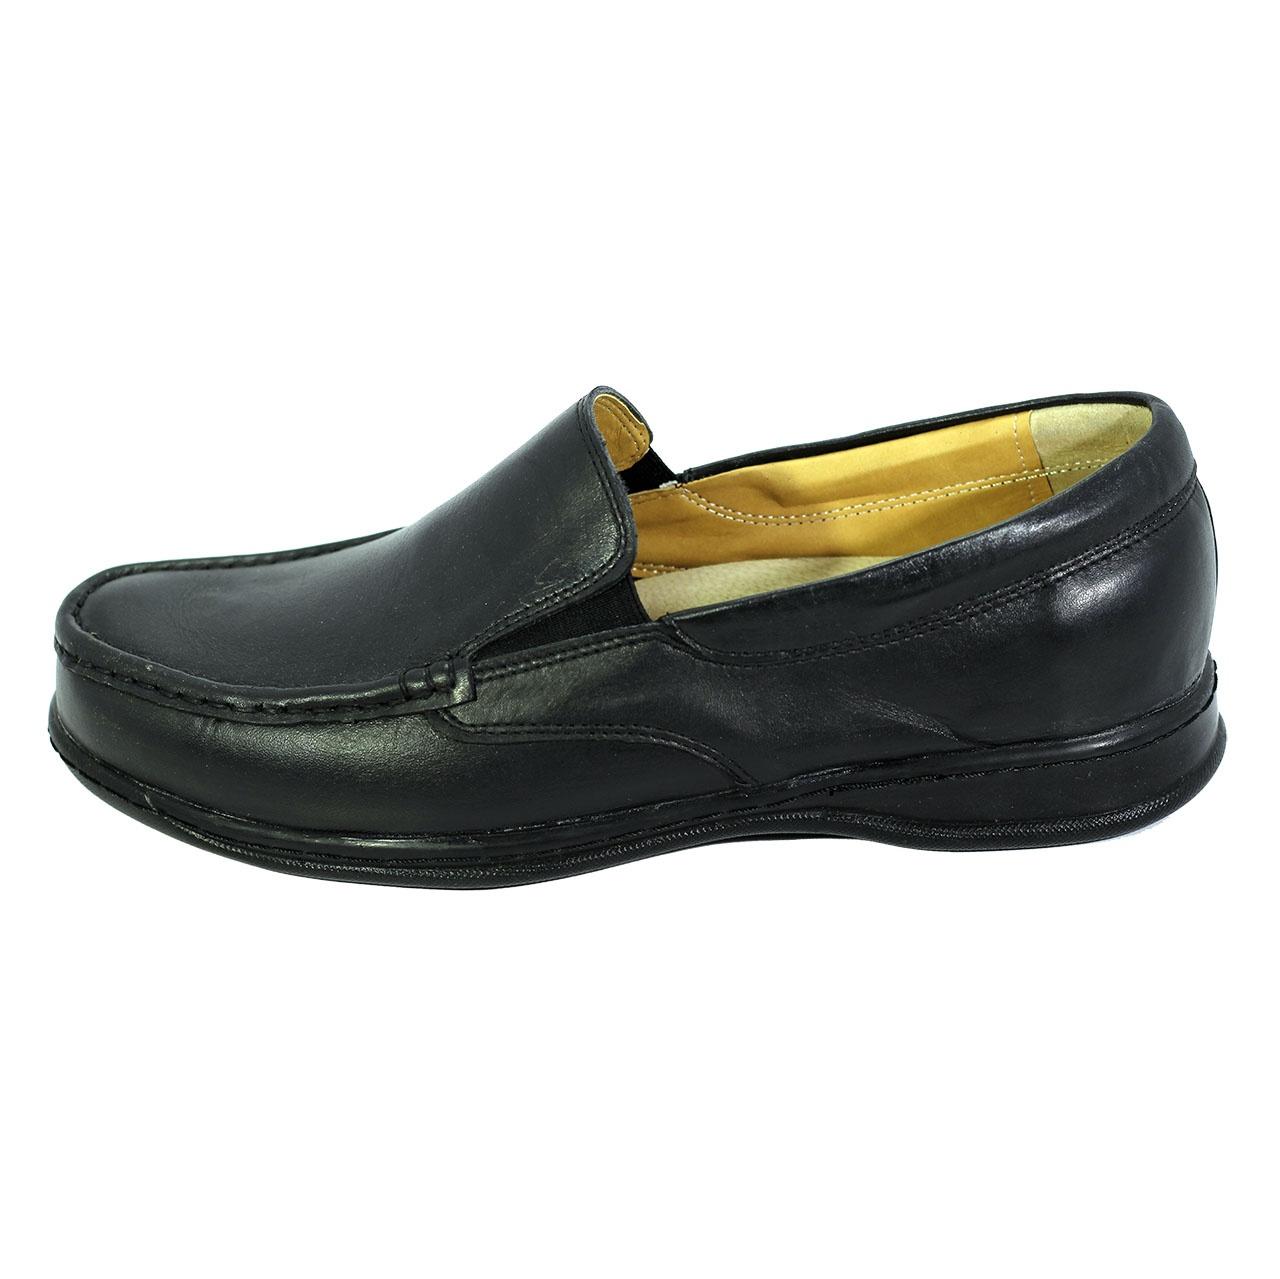 کفش طبی مردانه شهرام طب مدل 1003 کد 9